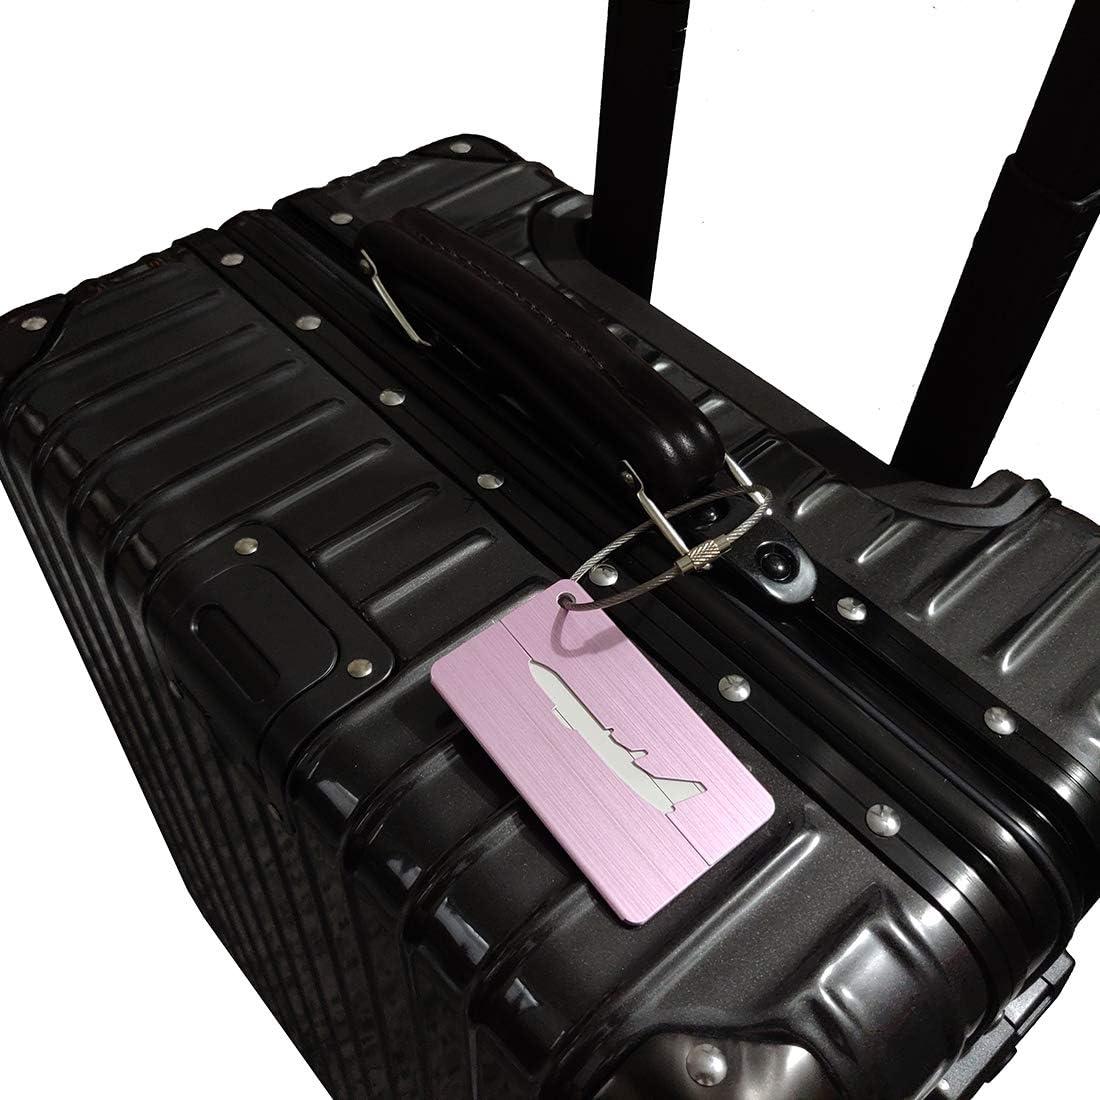 Repuhand 5 Pi/èce /Étiquettes Valise Mix Couleurs Bagages /Étiquettes en Alliage daluminium avec Cordes en Acier Inoxydable Accessoires Voyage